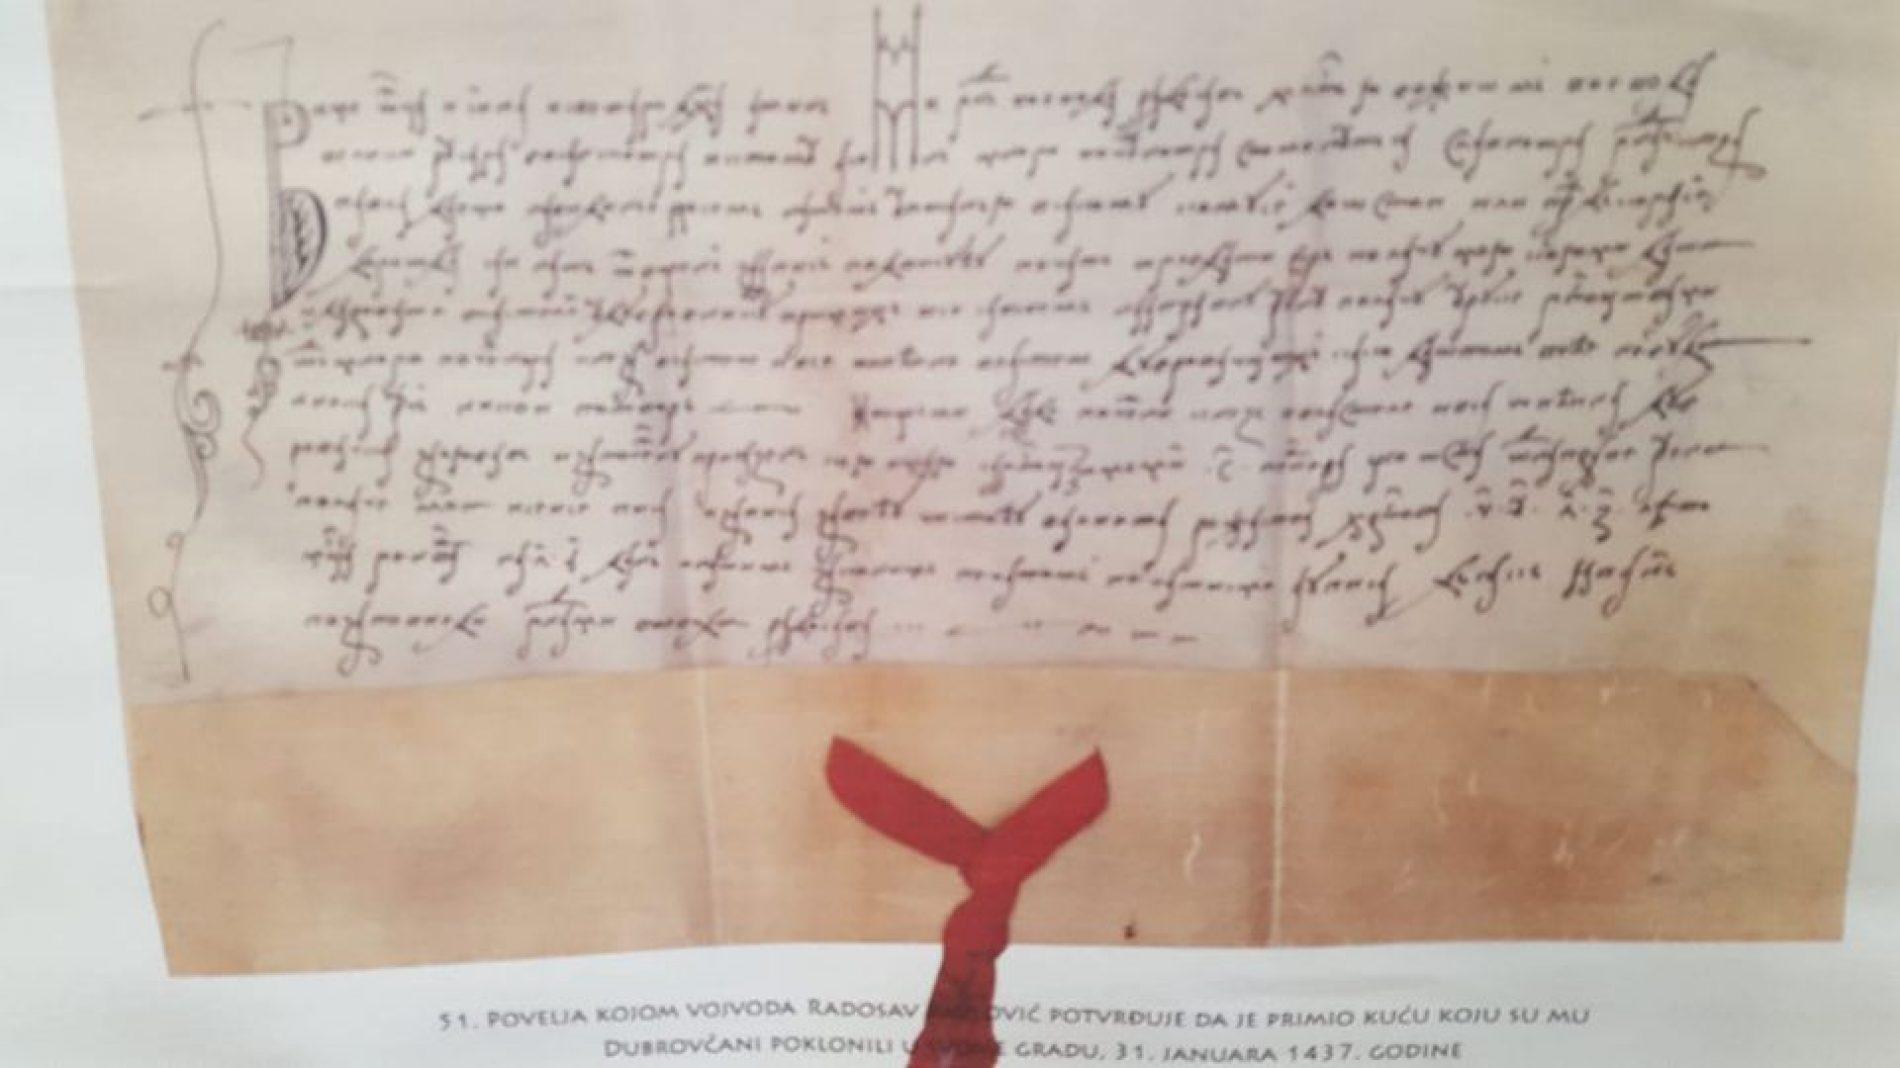 Specifična invokacija bosanskih srednjovjekovnih povelja